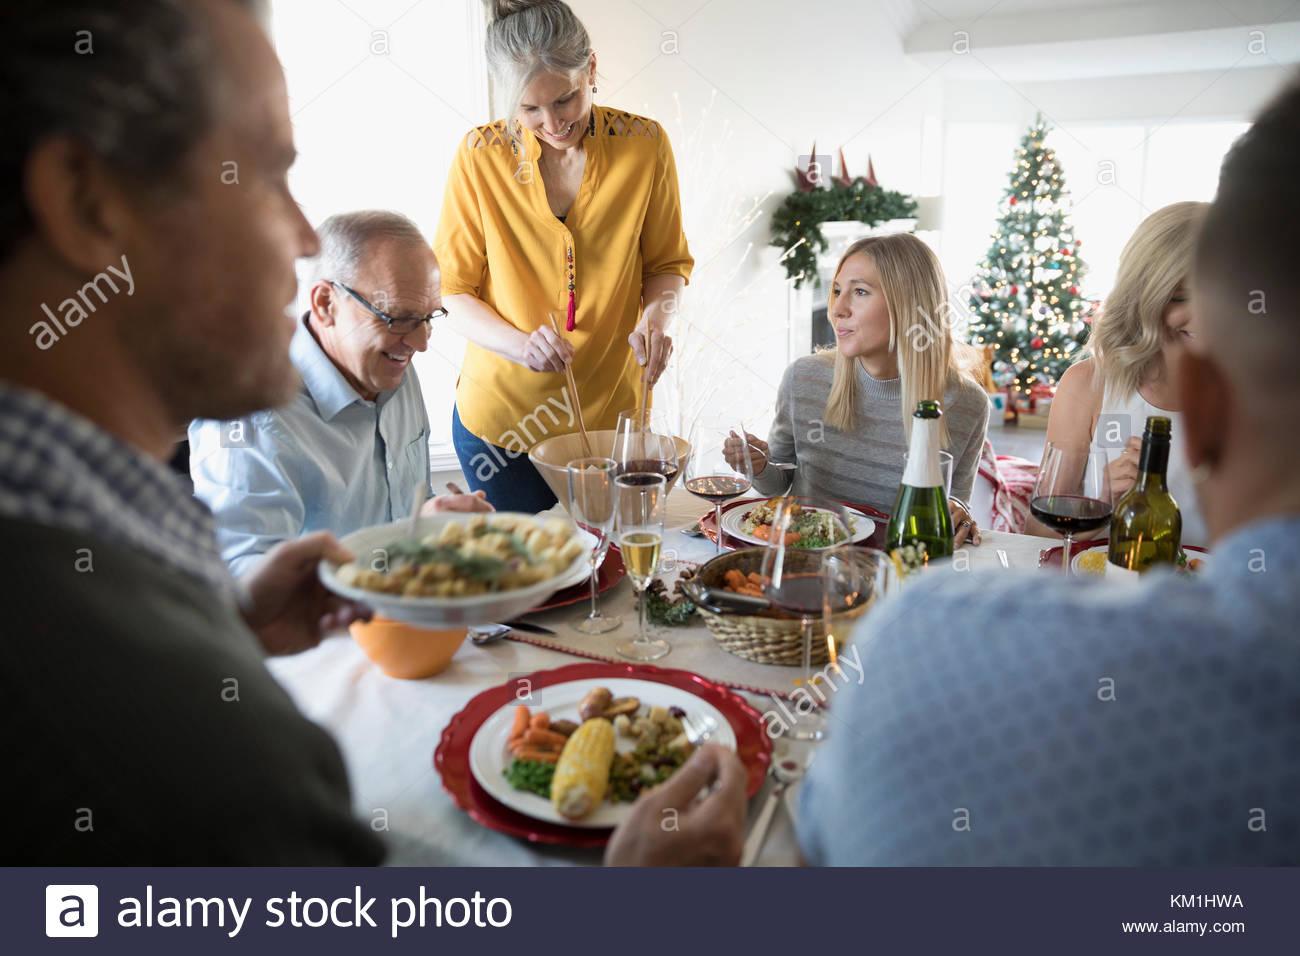 Famiglia godendo la cena di Natale a tavola Immagini Stock